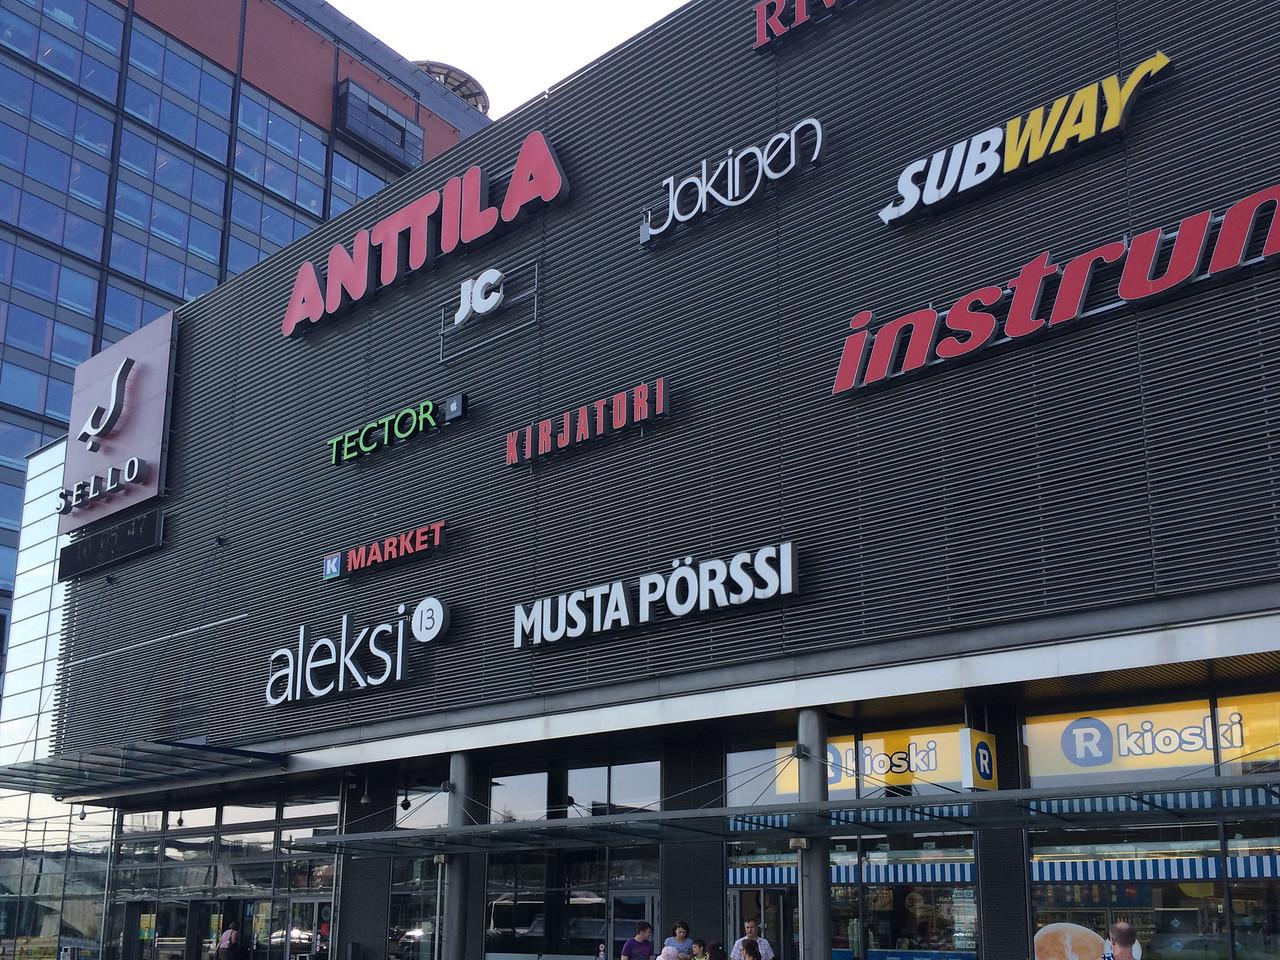 Helsinki - Shopping